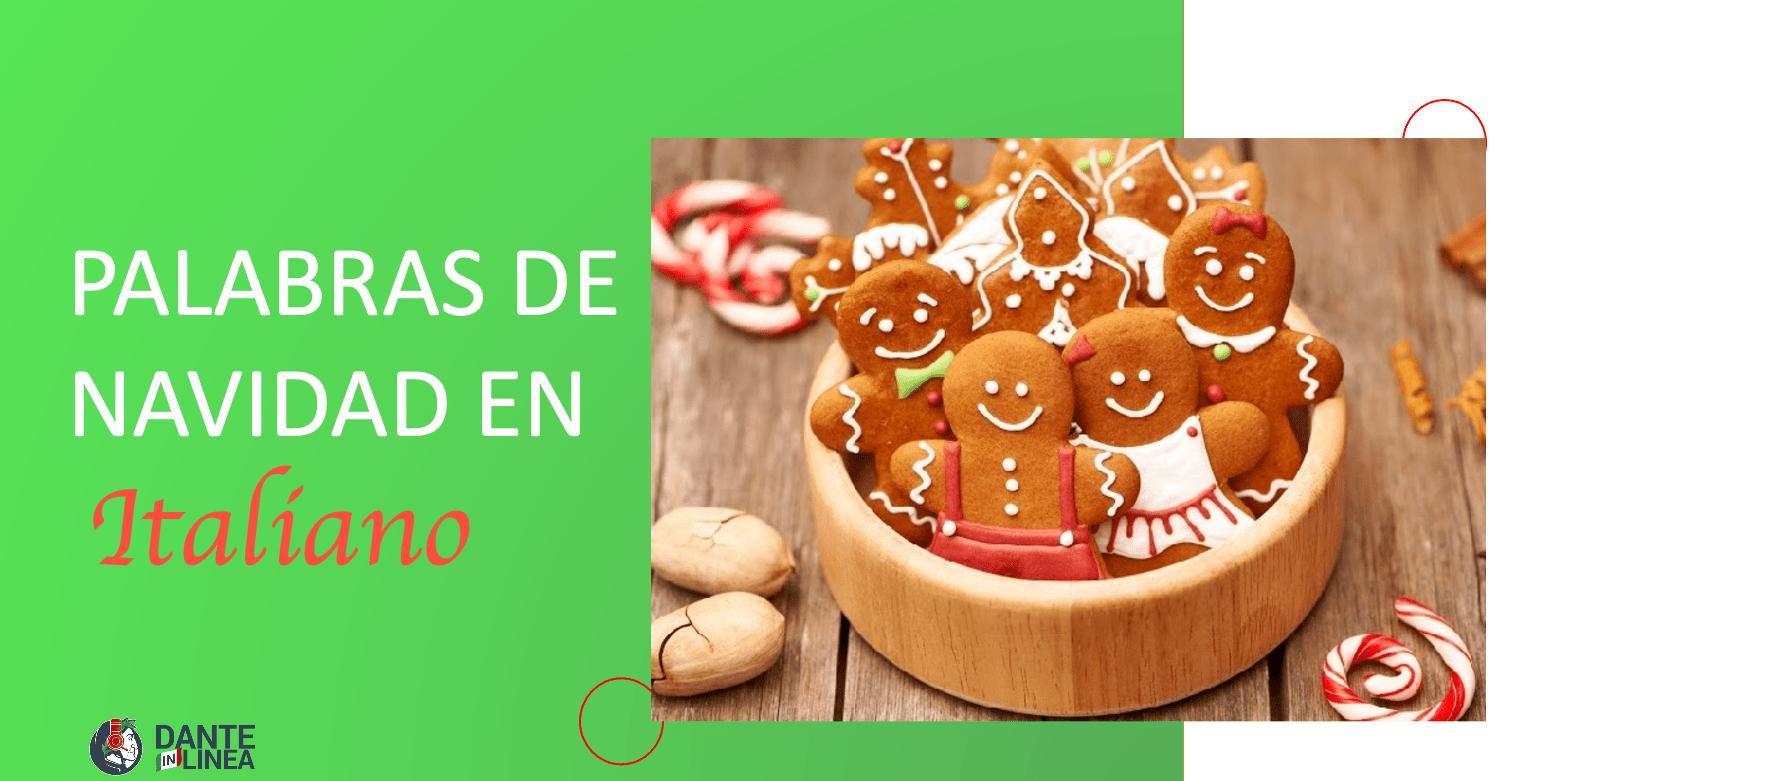 Palabras De Navidad En Italiano Aprende Italiano Online Dante In Linea